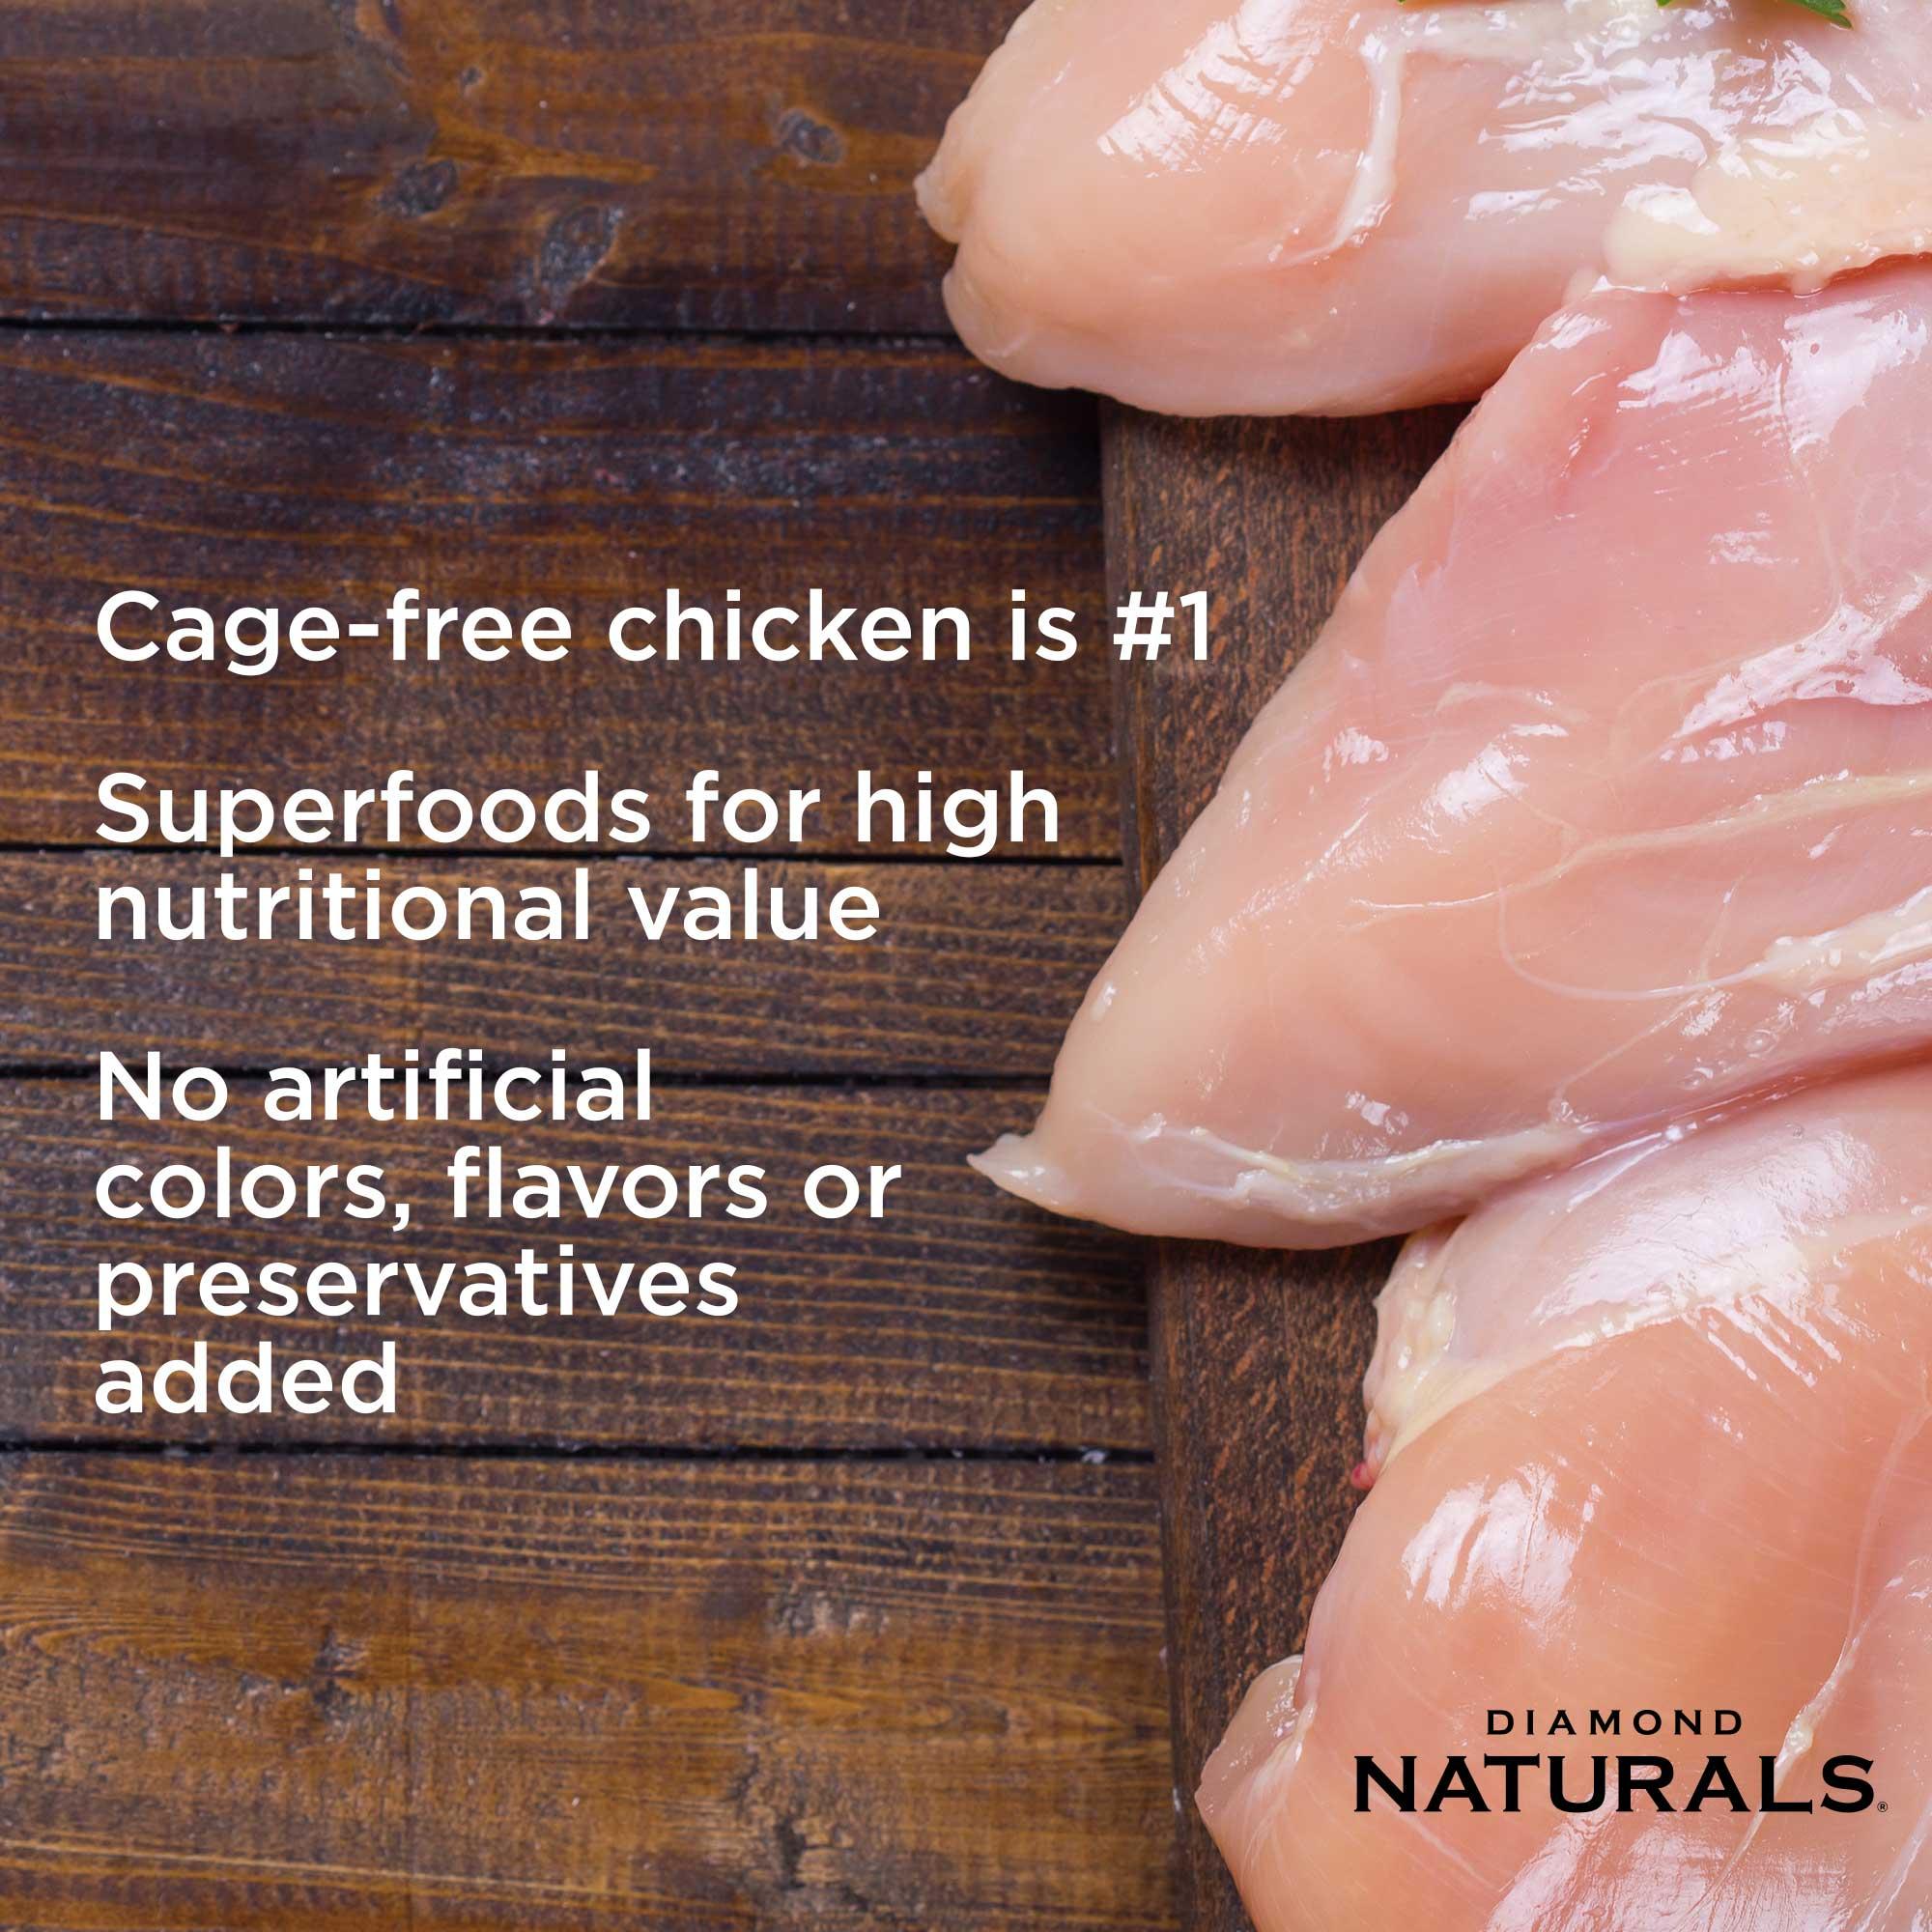 cage-free chicken